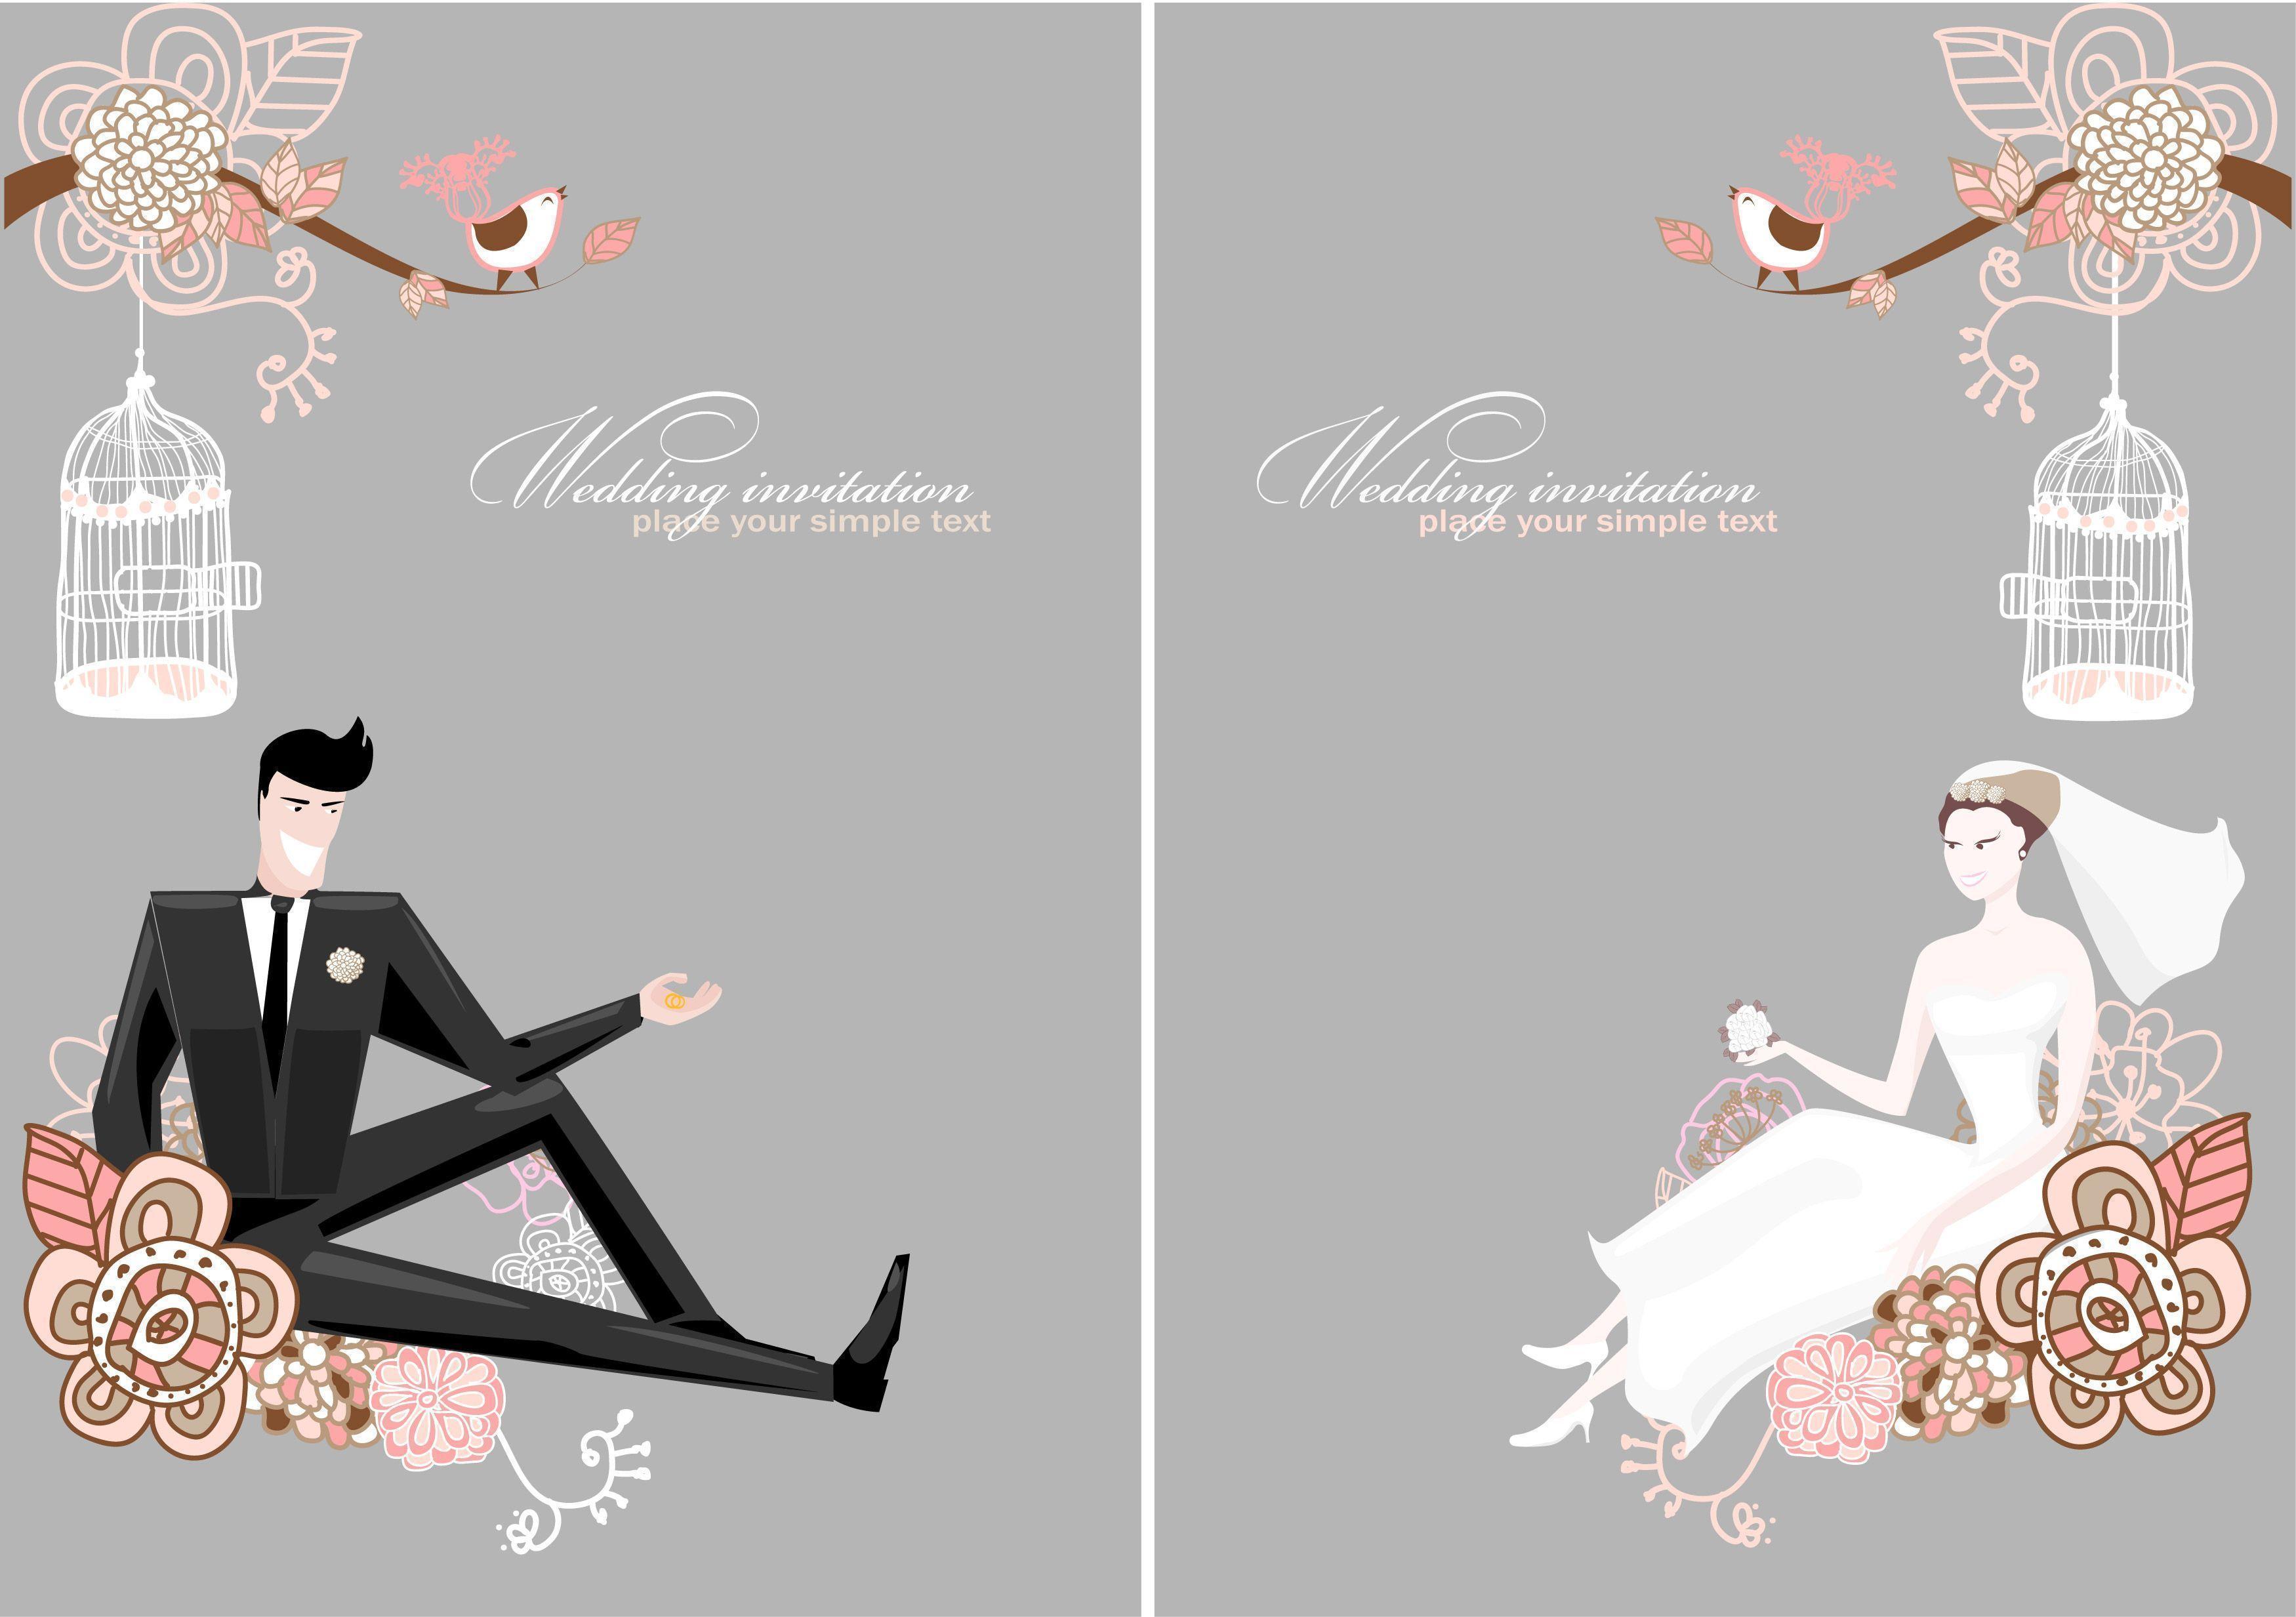 Wedding Invitation Background Images Free Download: Free Wedding Backgrounds Image